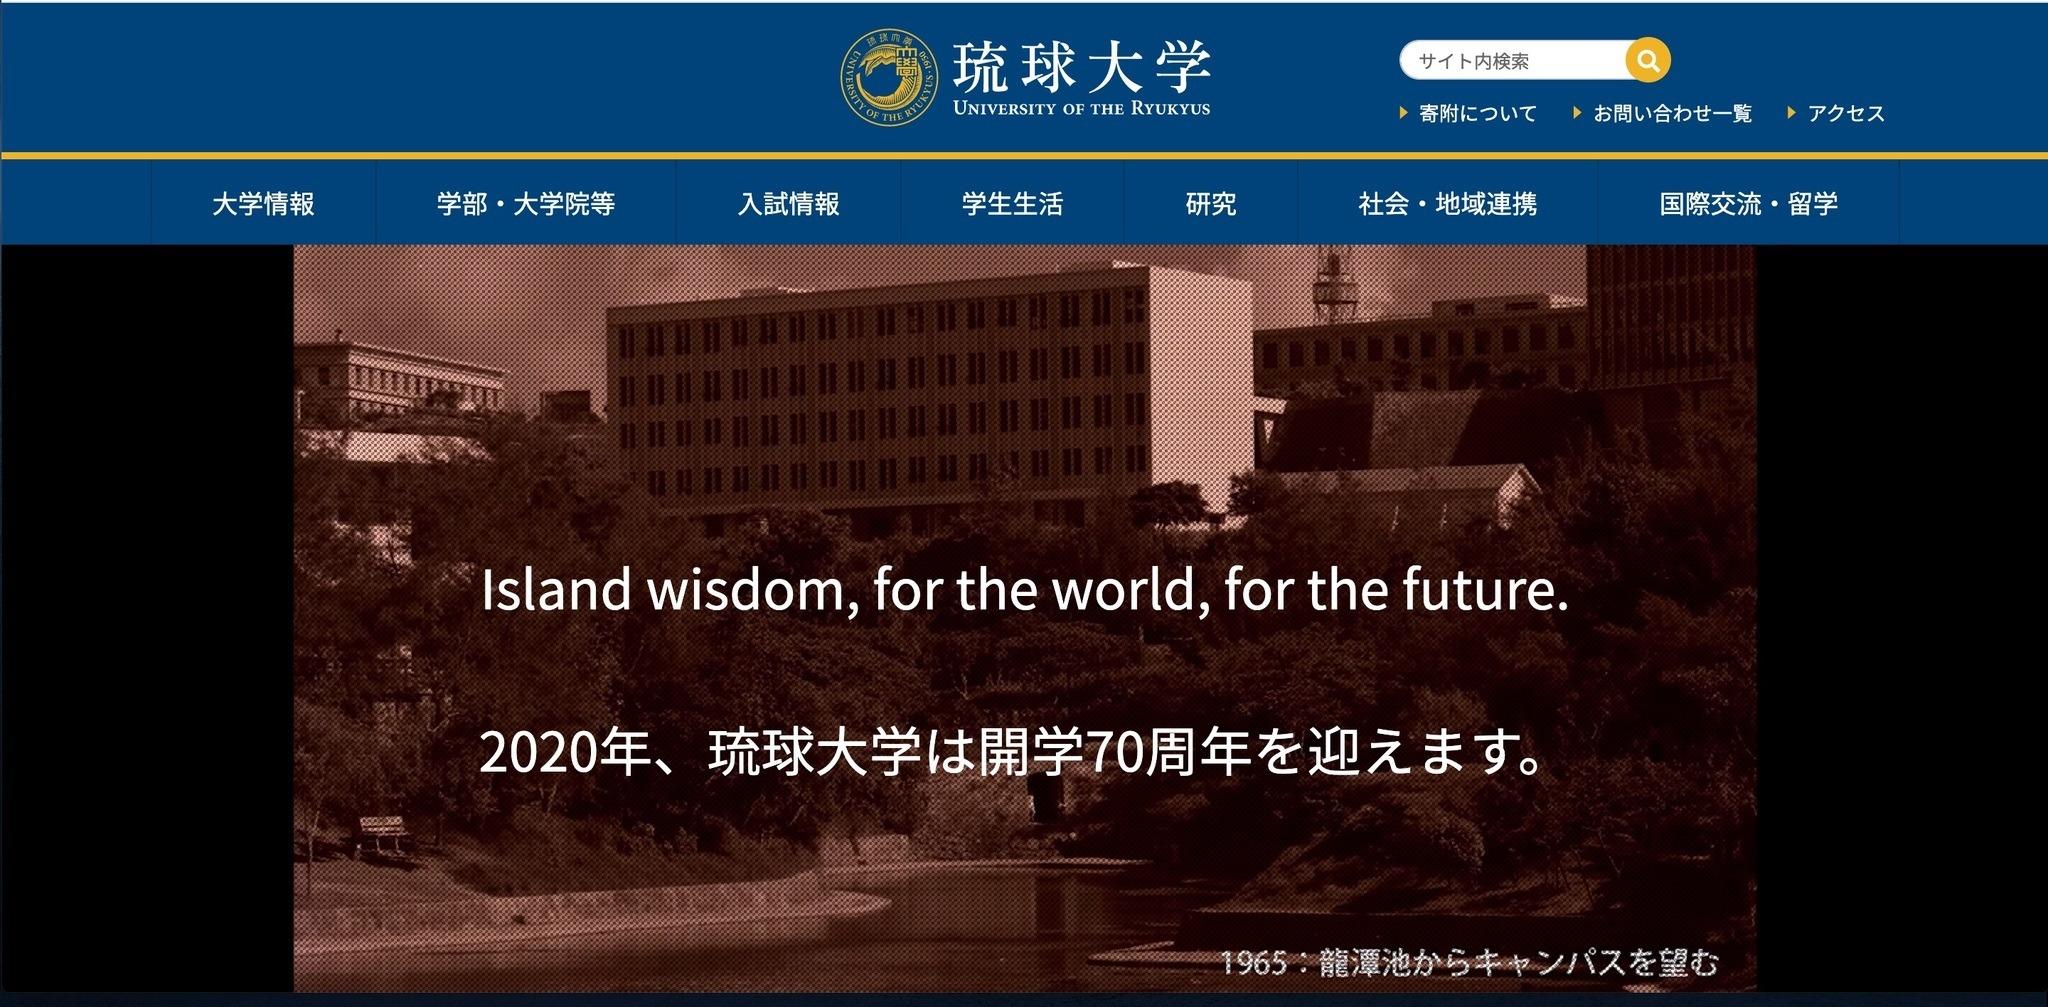 入試 琉球 大学